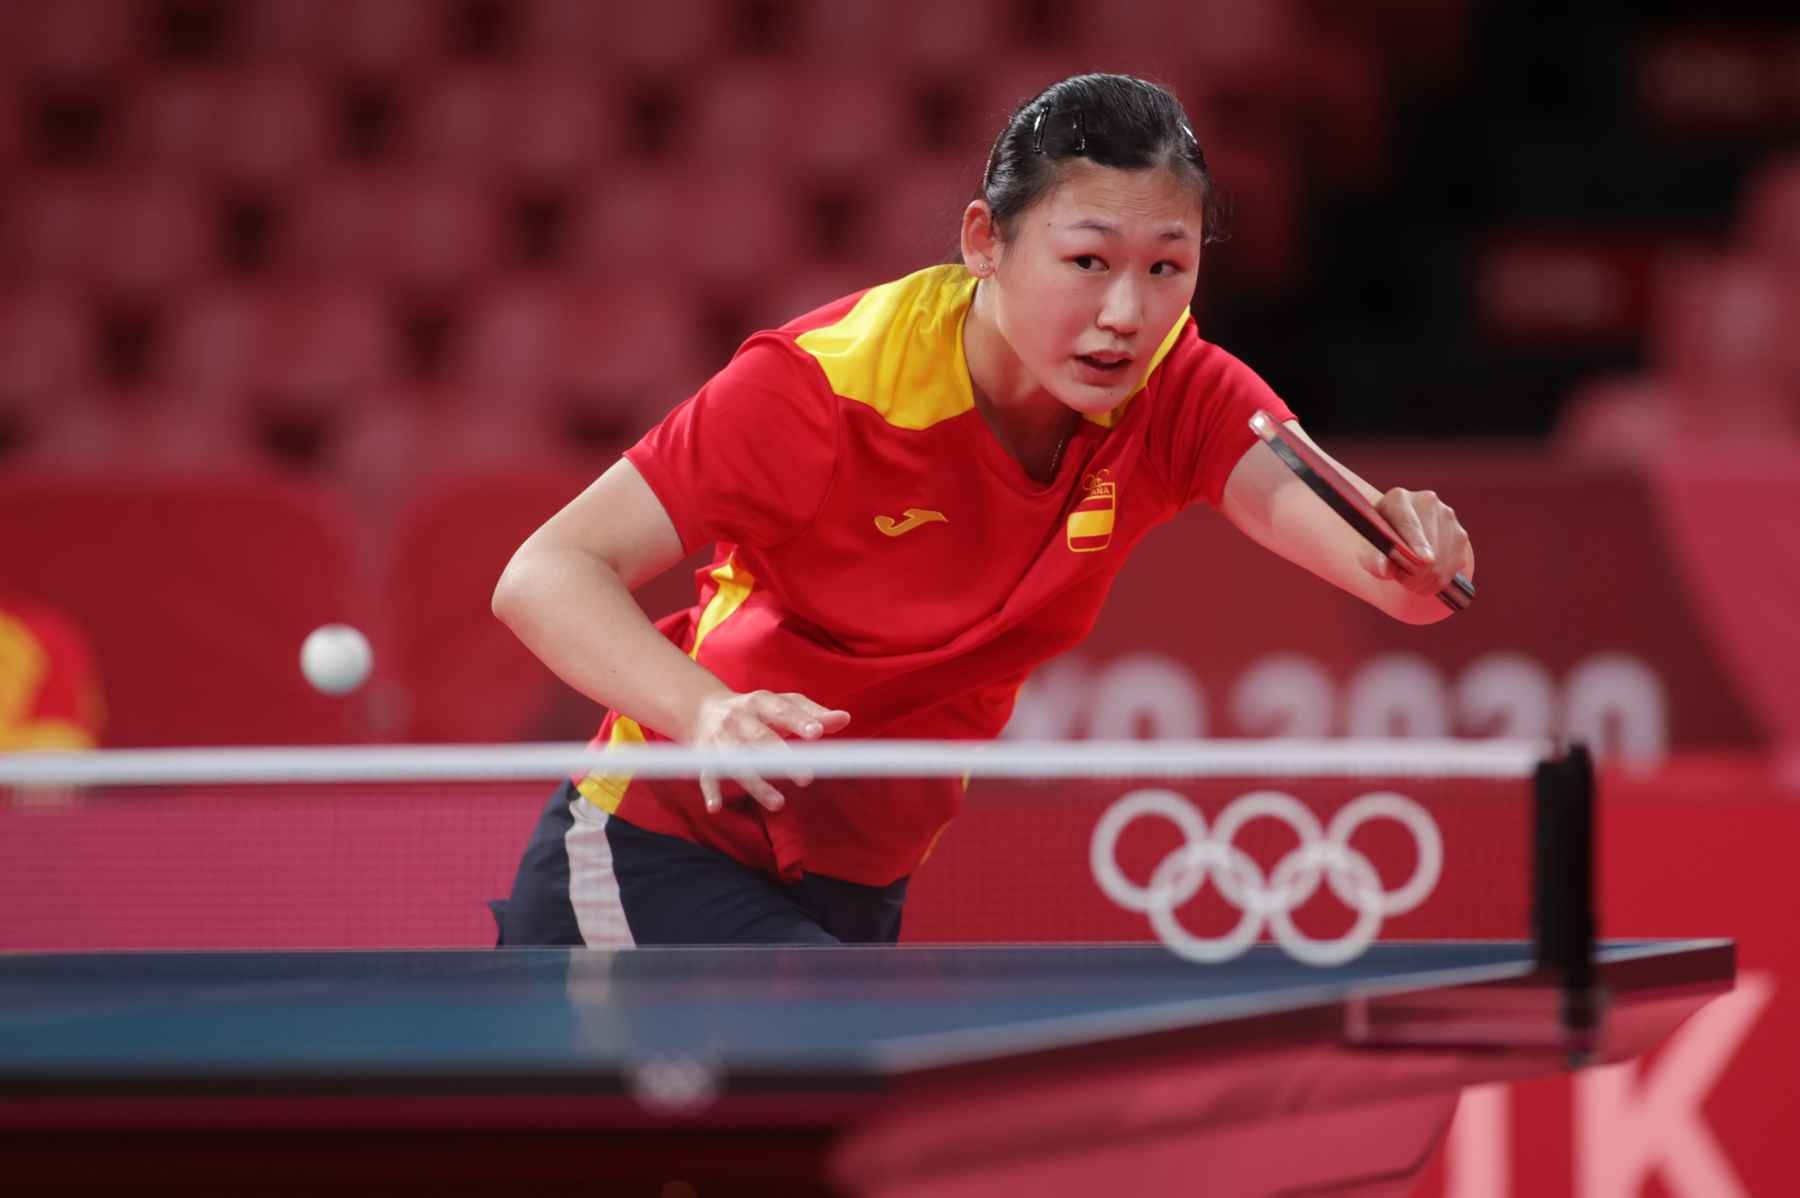 Maria Xiao disputando los Juegos Olímpicos de Tokyo 2020 (Foto: ITTF)